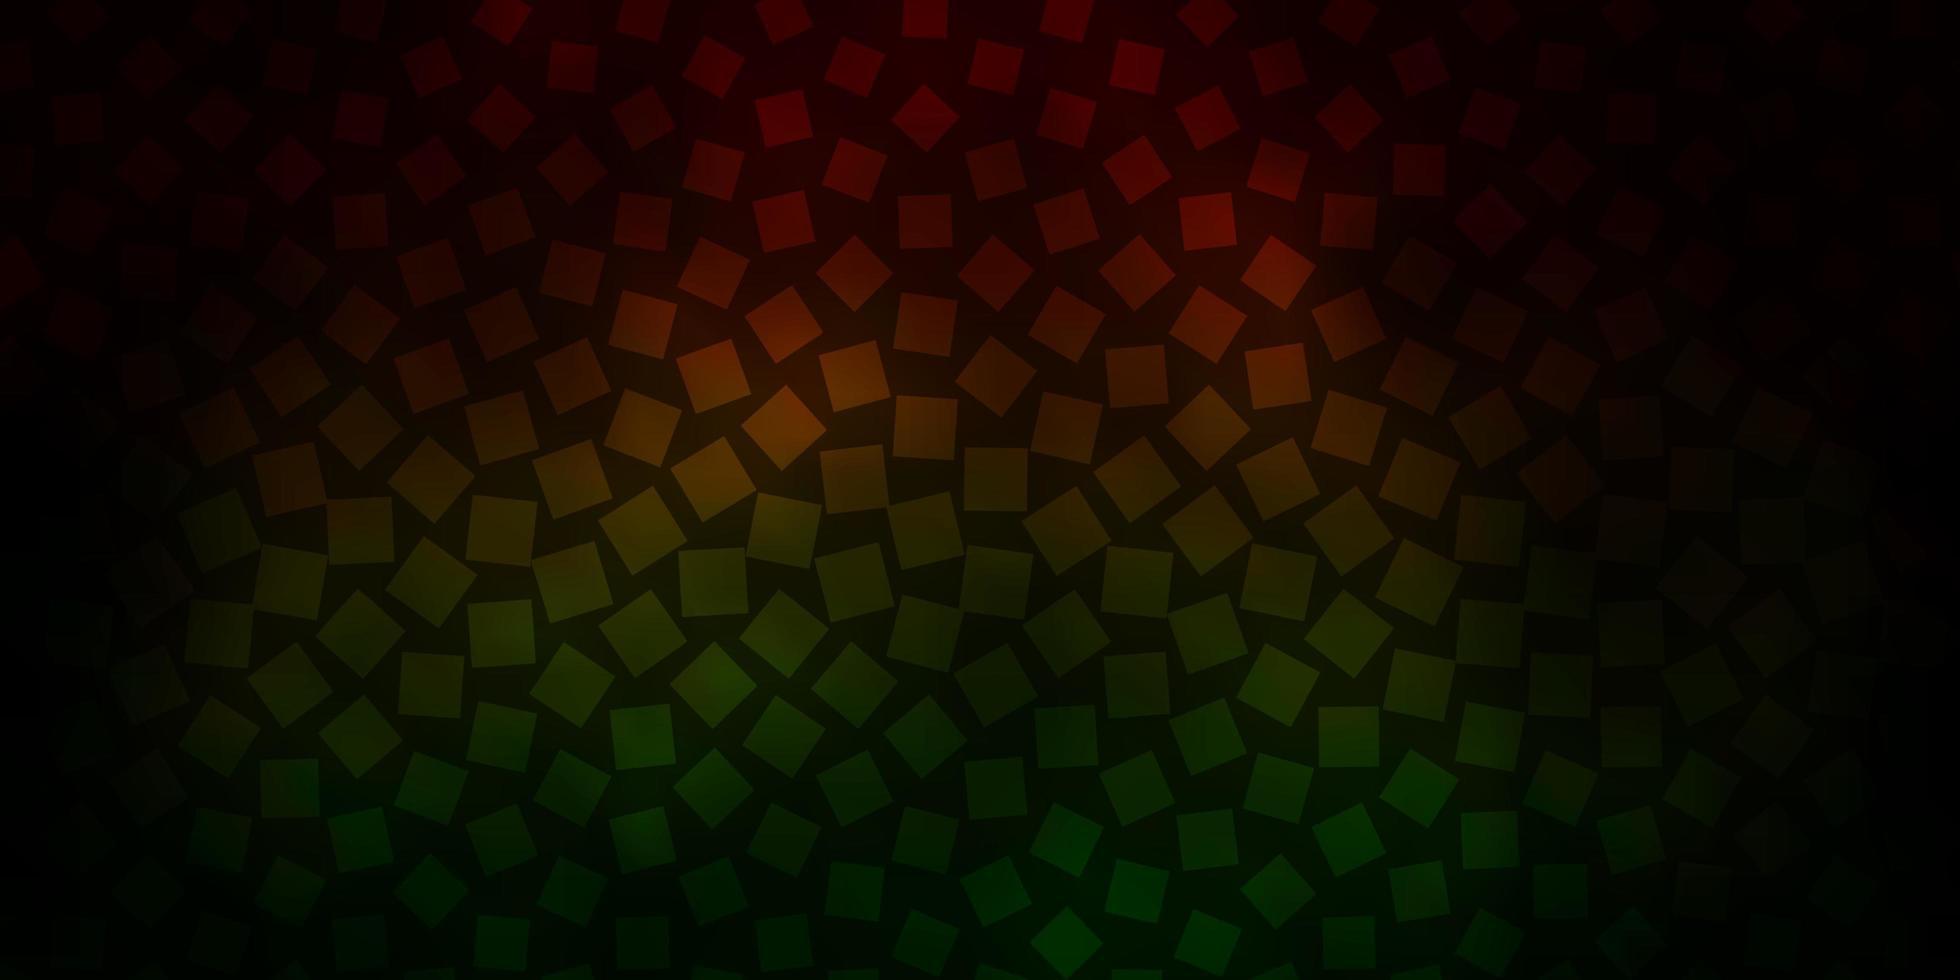 padrão de vetor verde e vermelho escuro em estilo quadrado.